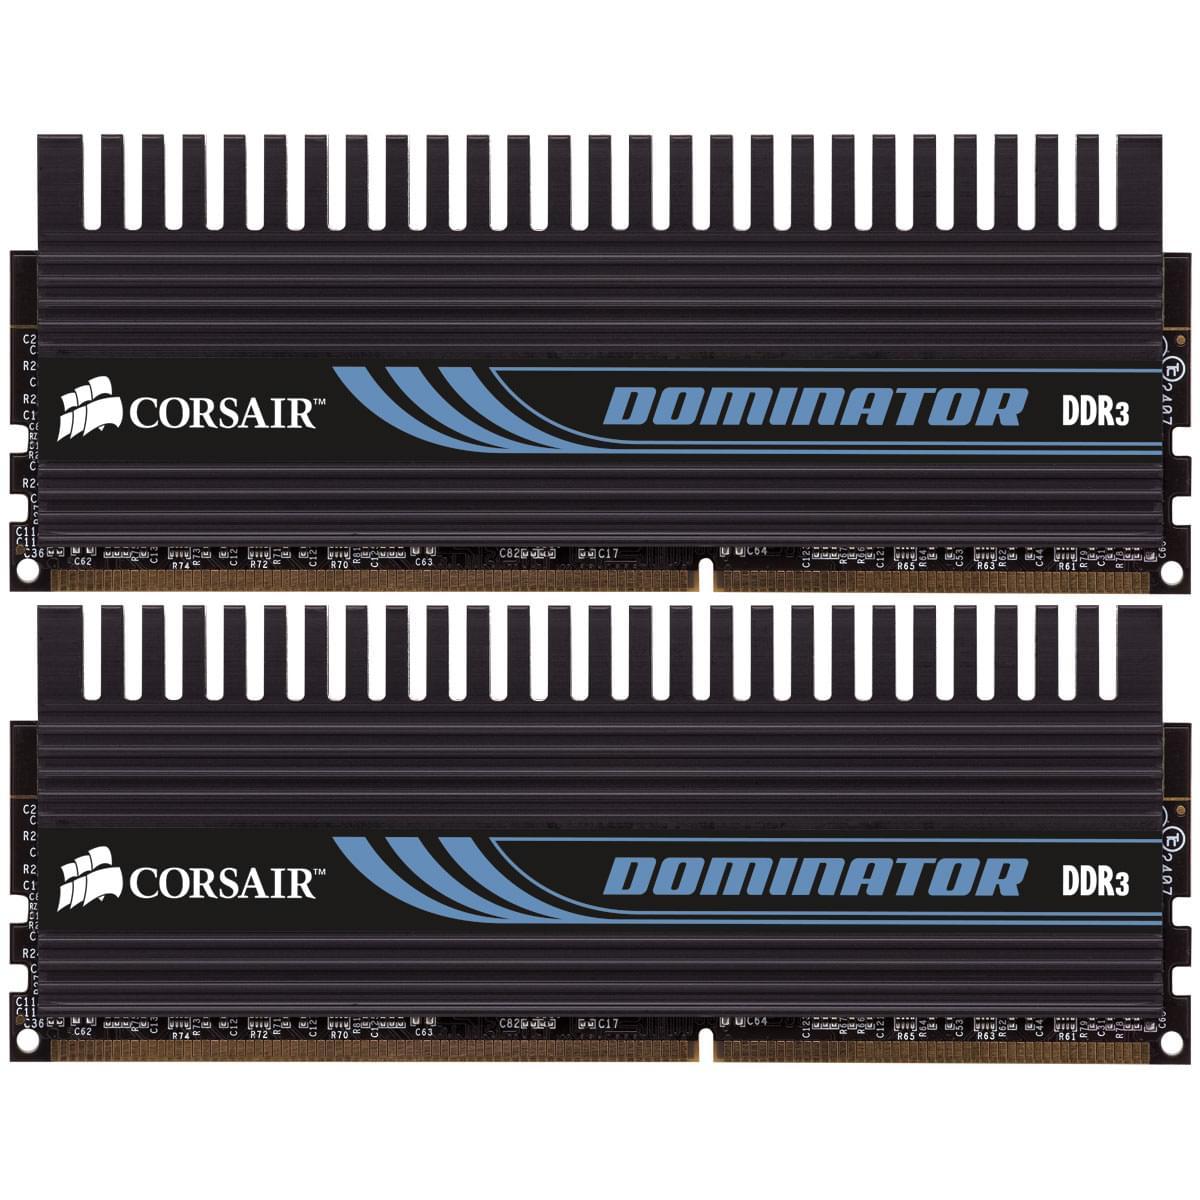 Corsair CMP8GX3M2A1600C9 (2x4Go DDR3 1600 PC12800) 8Go  1600MHz - Mémoire PC - 0